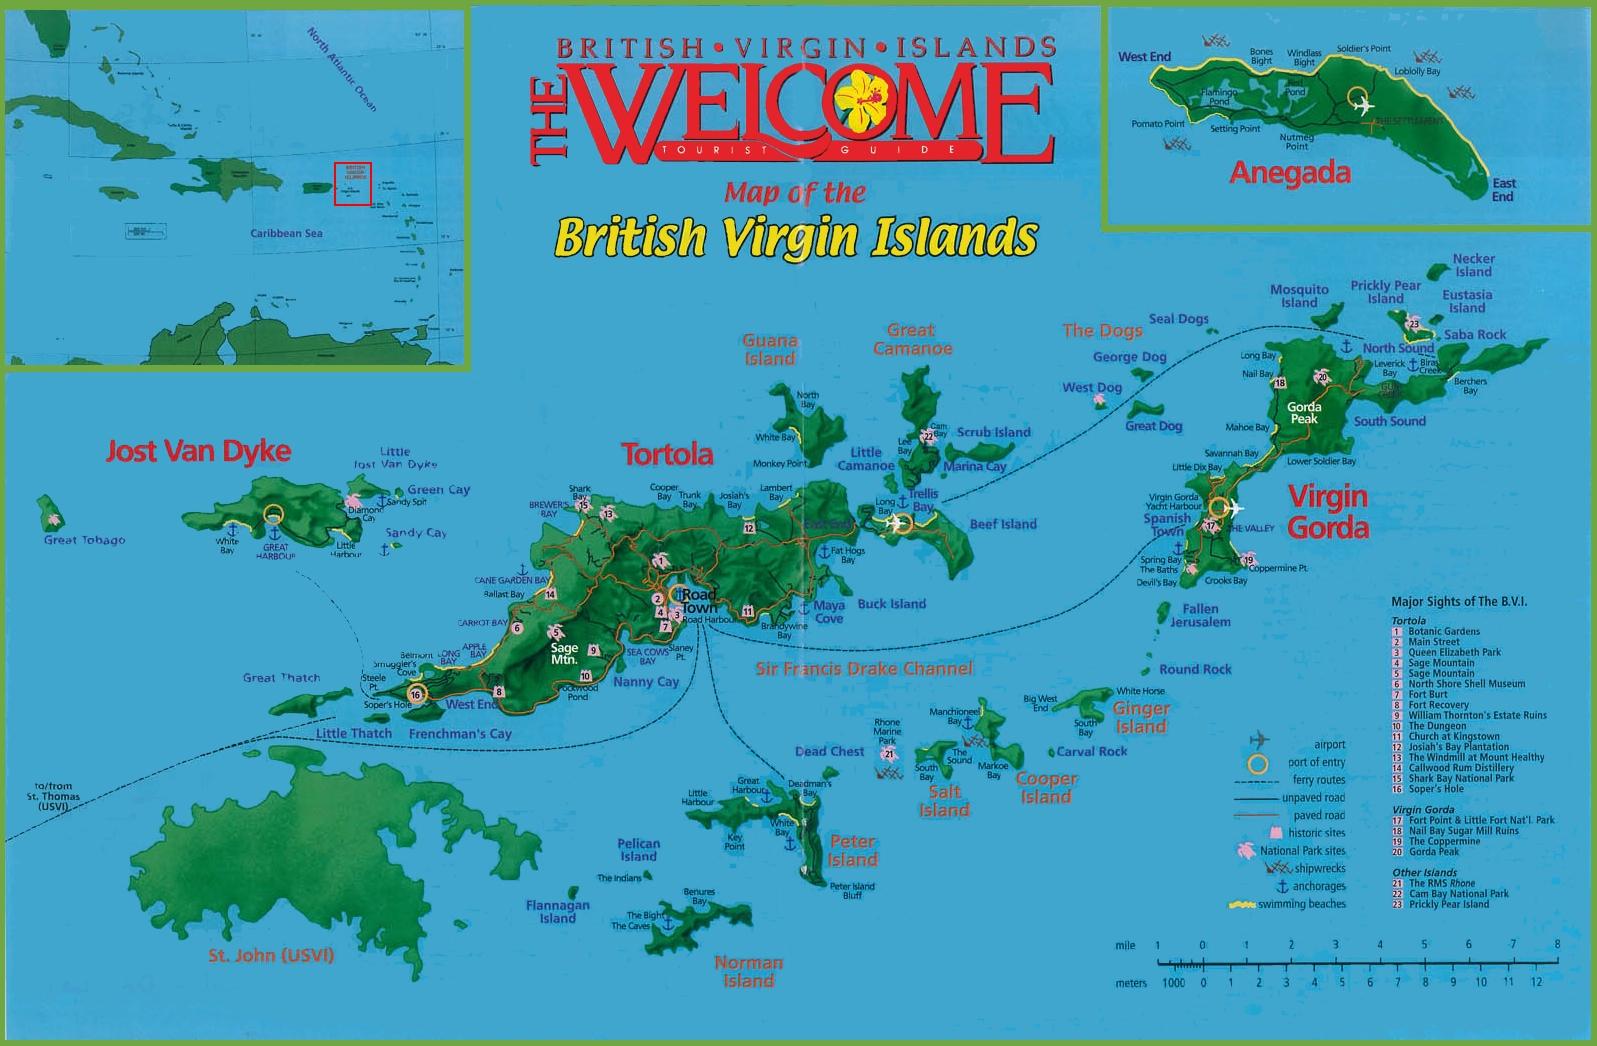 British Virgin Islands Tourist Information